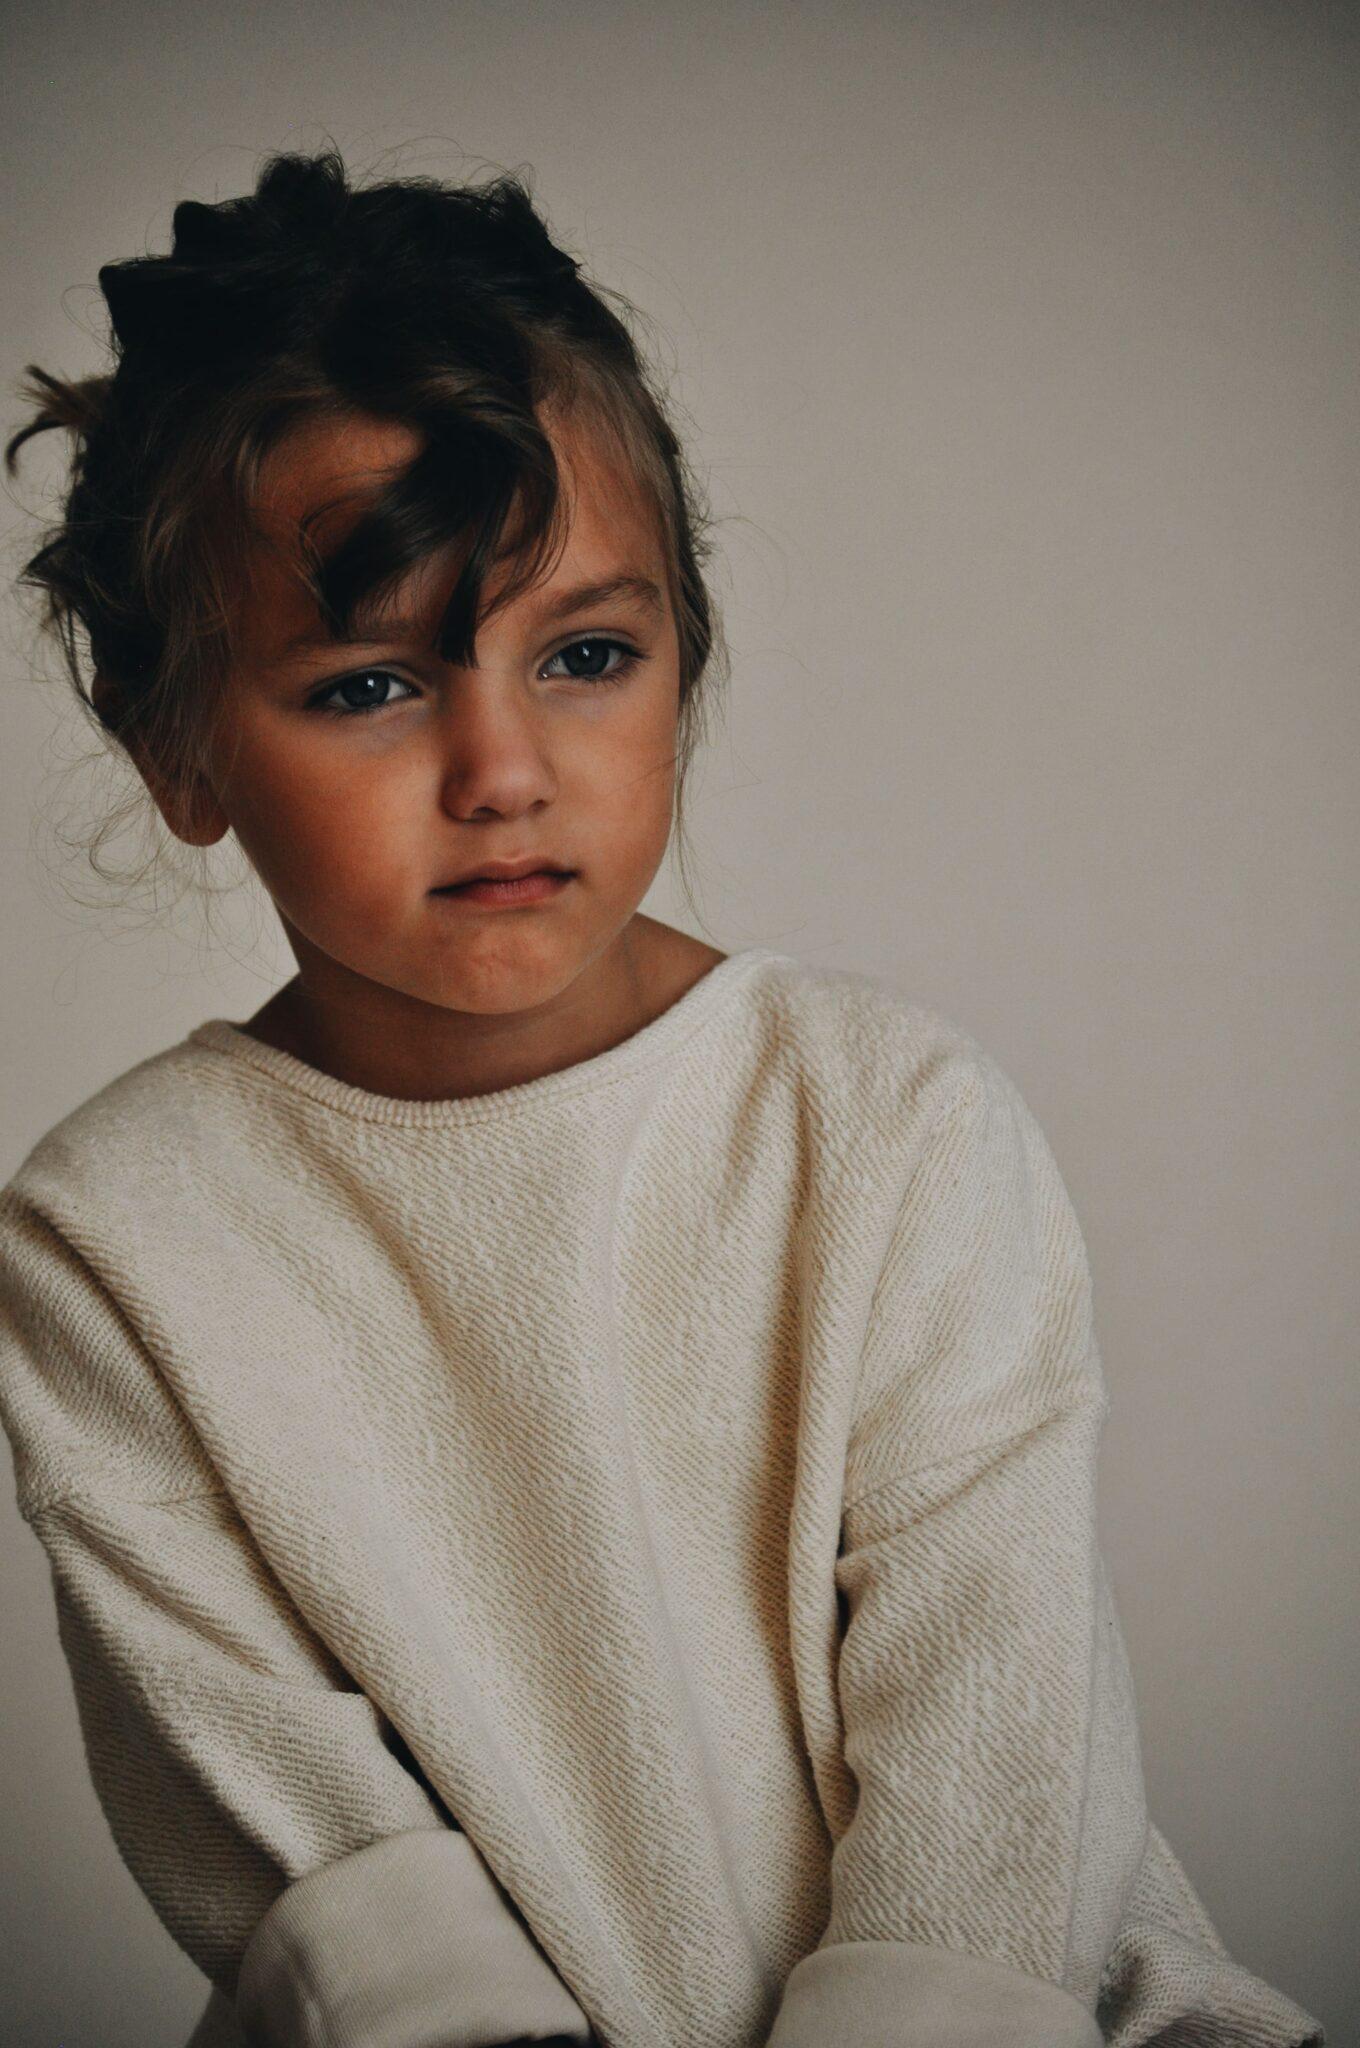 sweat-pedro-enfant-bebe-naturel-mome-portugal-sundays-kids-store-sundays-kids-store-2-scaled